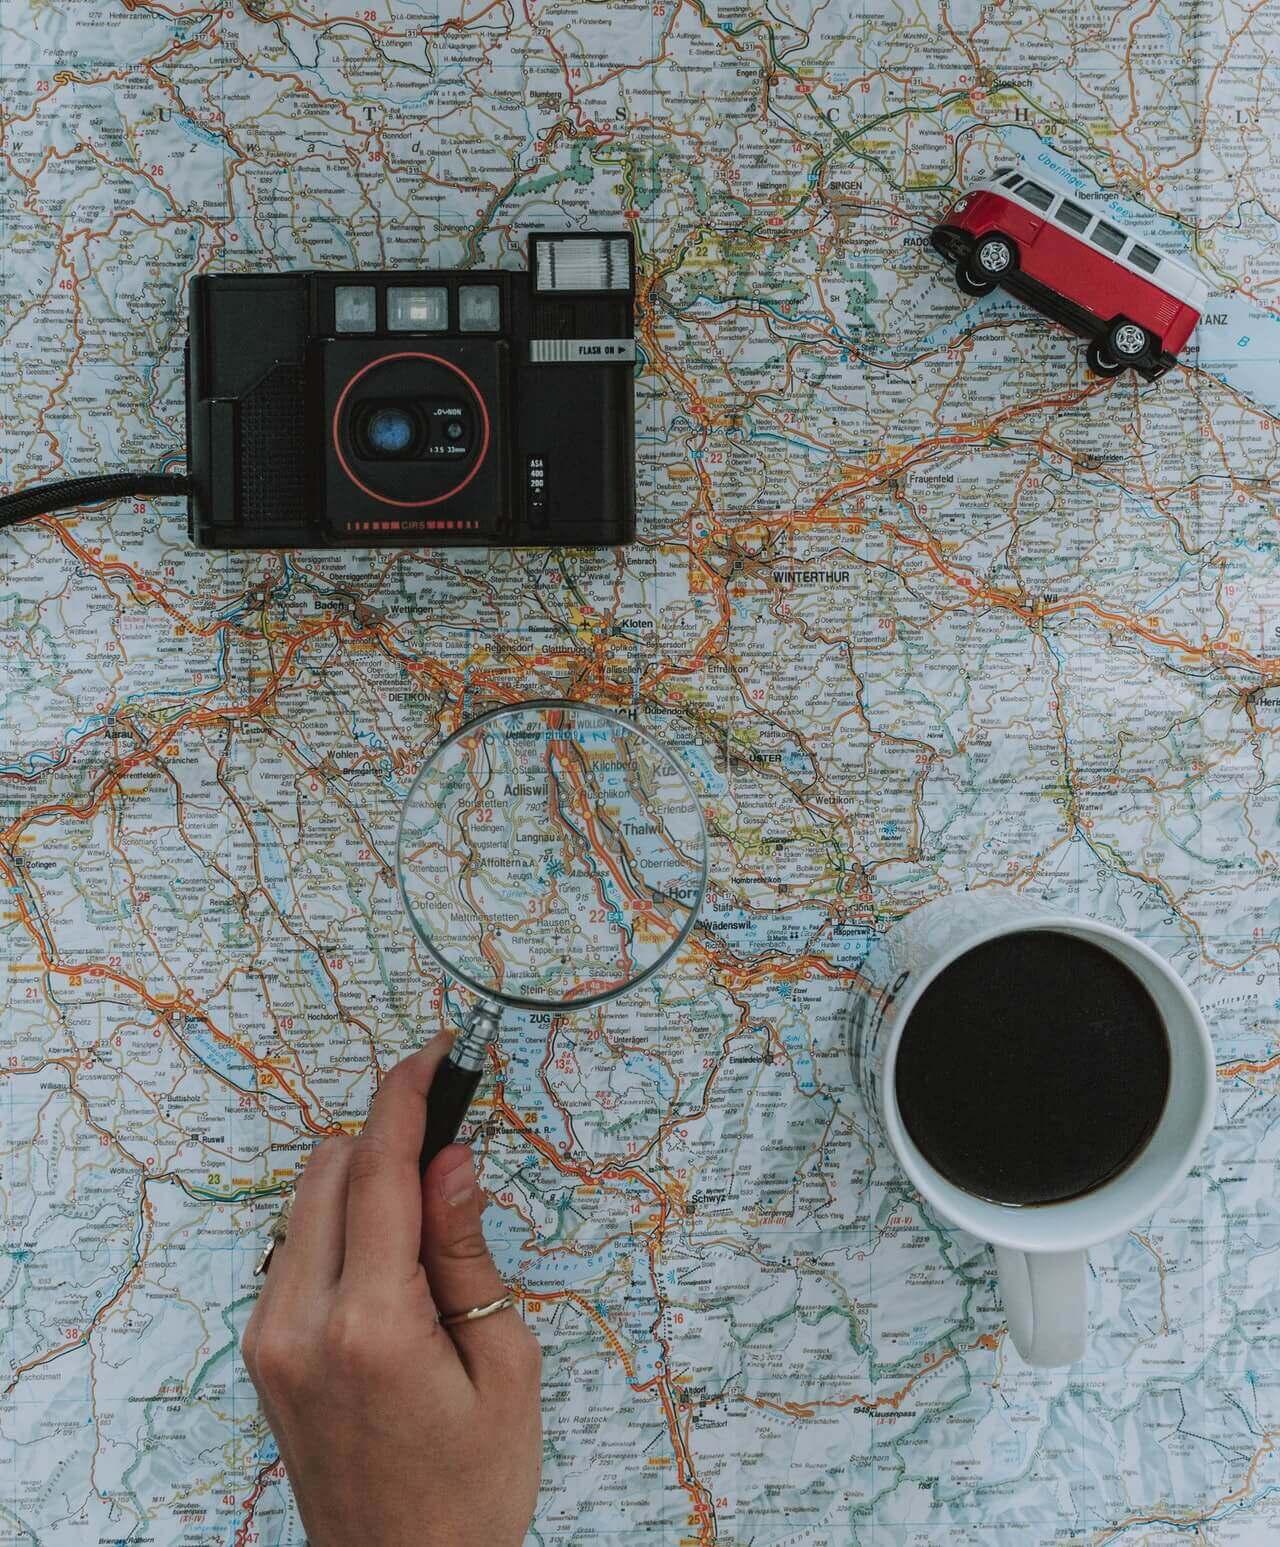 Wereldkaart met daarop een fototoestel, een speelgoed busje en een kopje koffie.